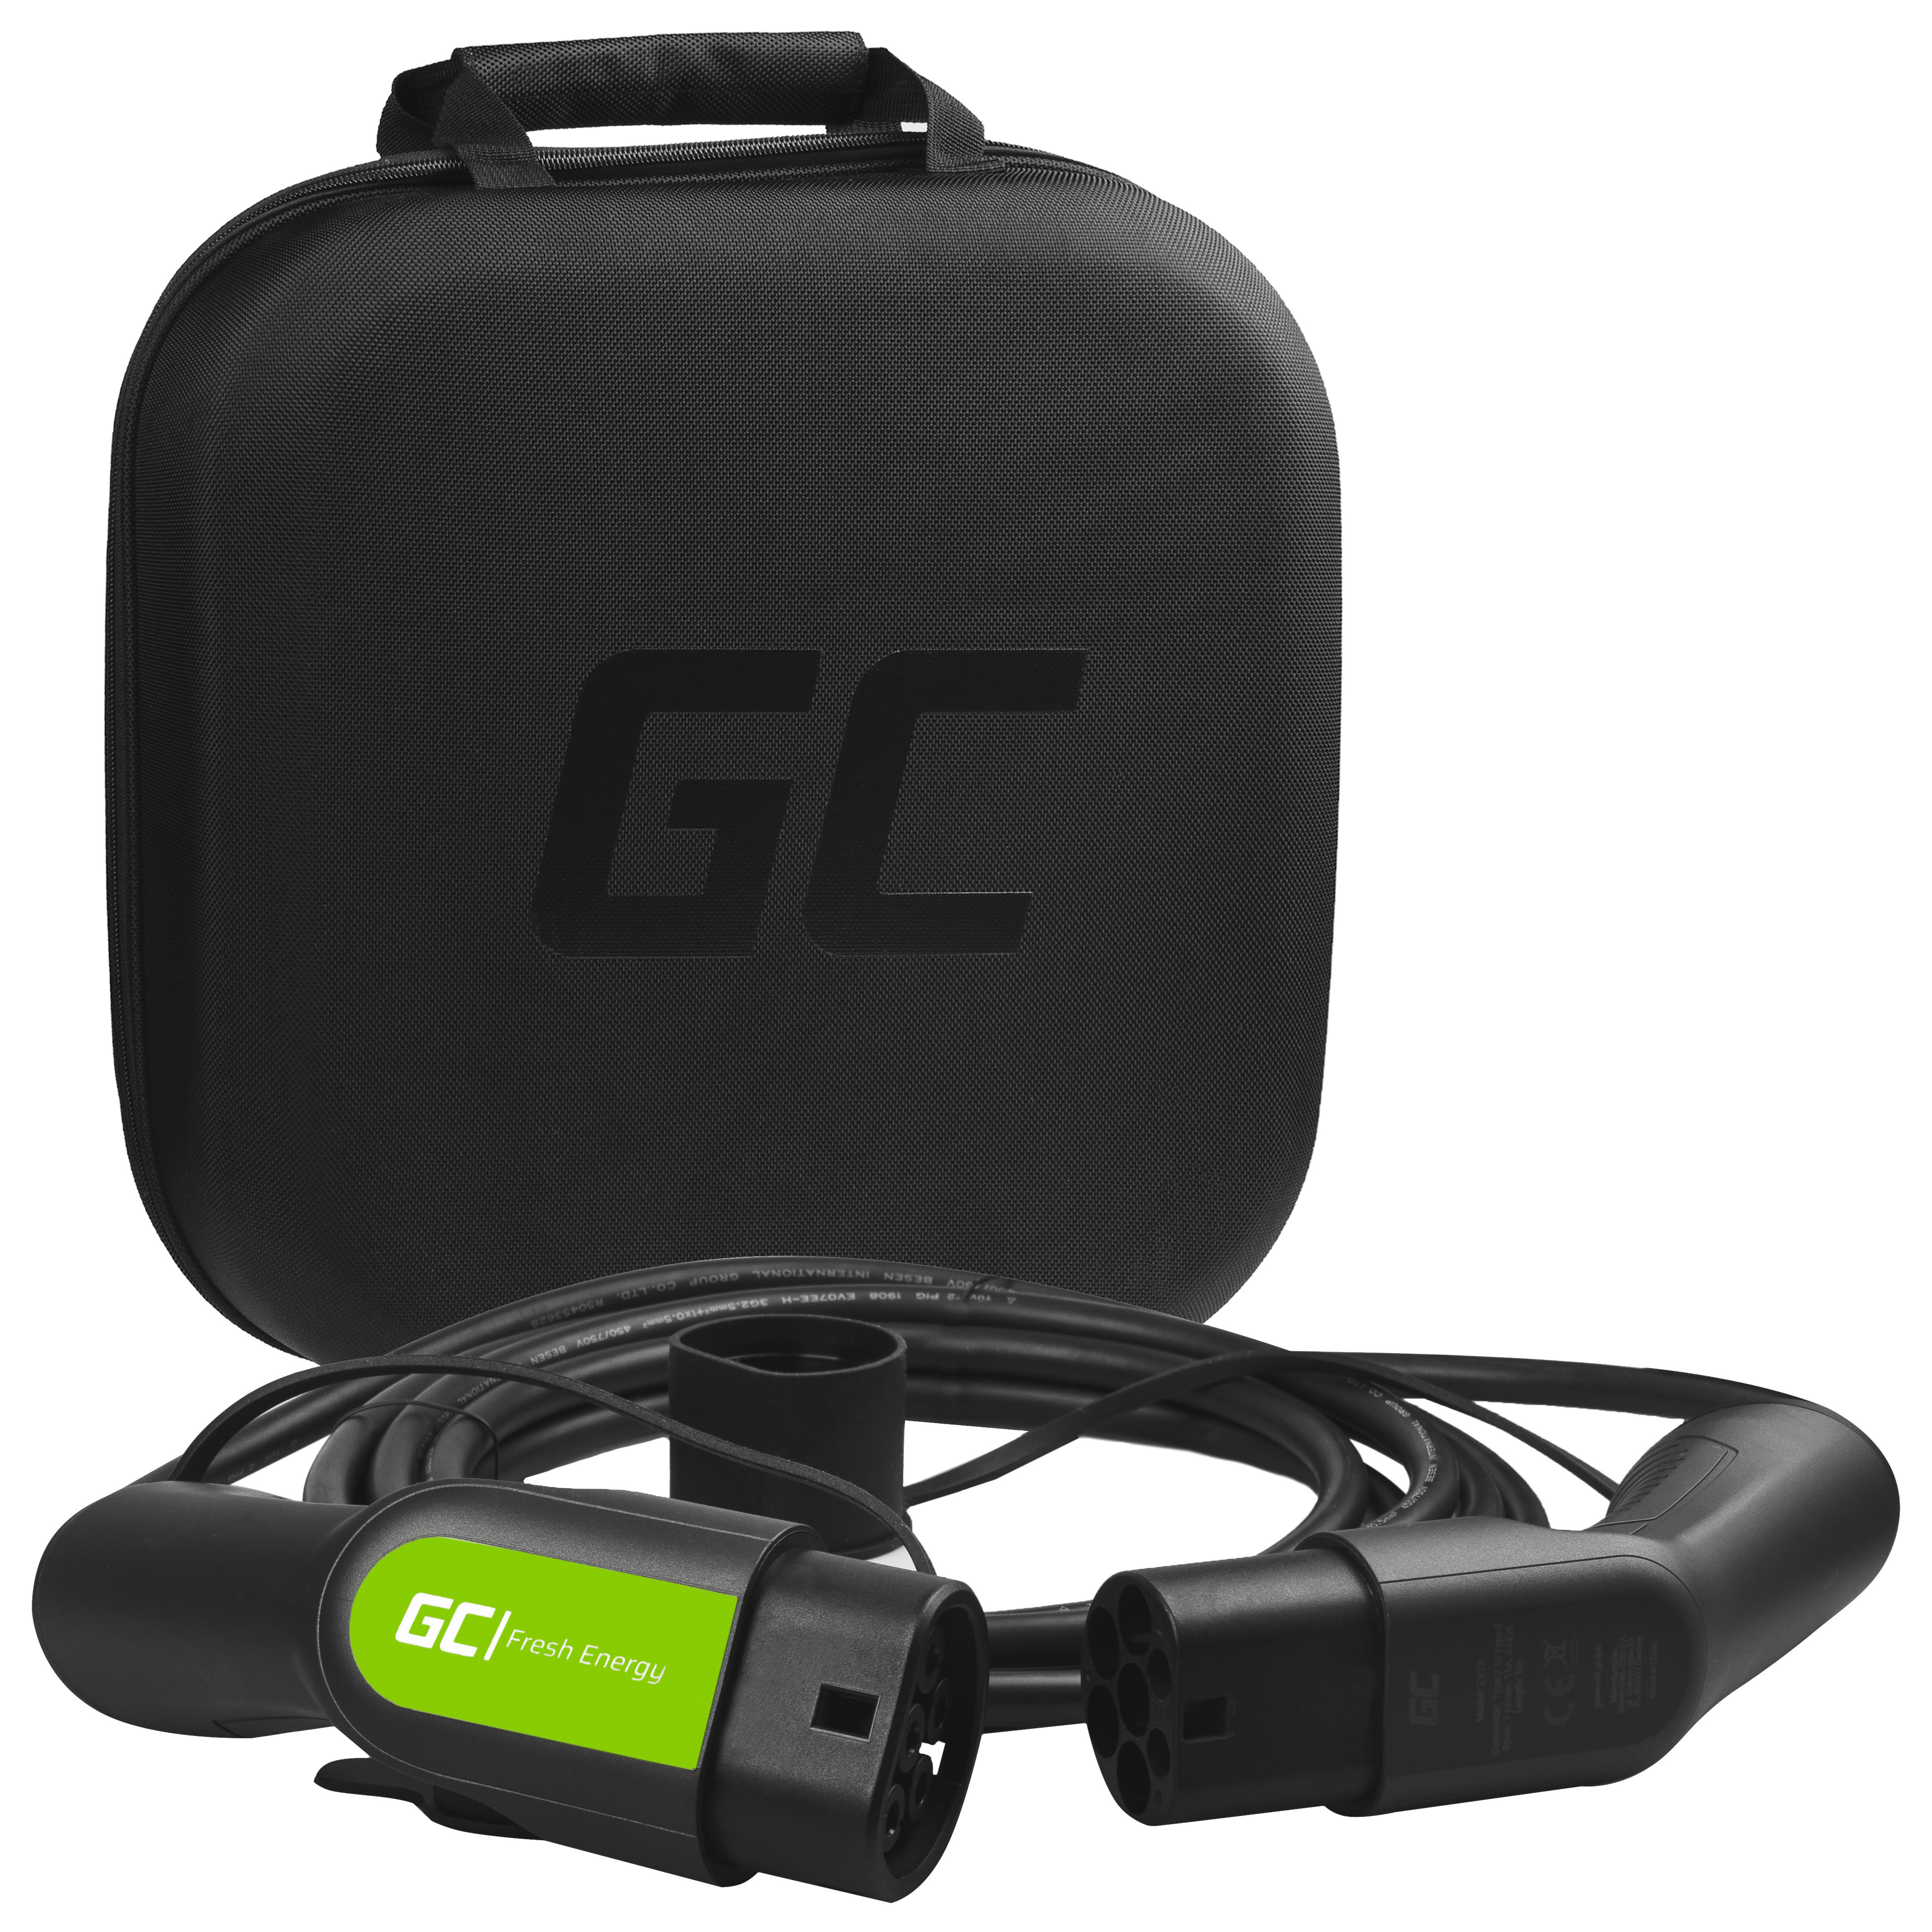 Green Cell Nabíjecí kabel Type 2 3.6kW 5m pro nabíjení Outlander PHEV, Golf / Passat GTE, 330e, Panamera E-Hybrid, Prius Plug-In